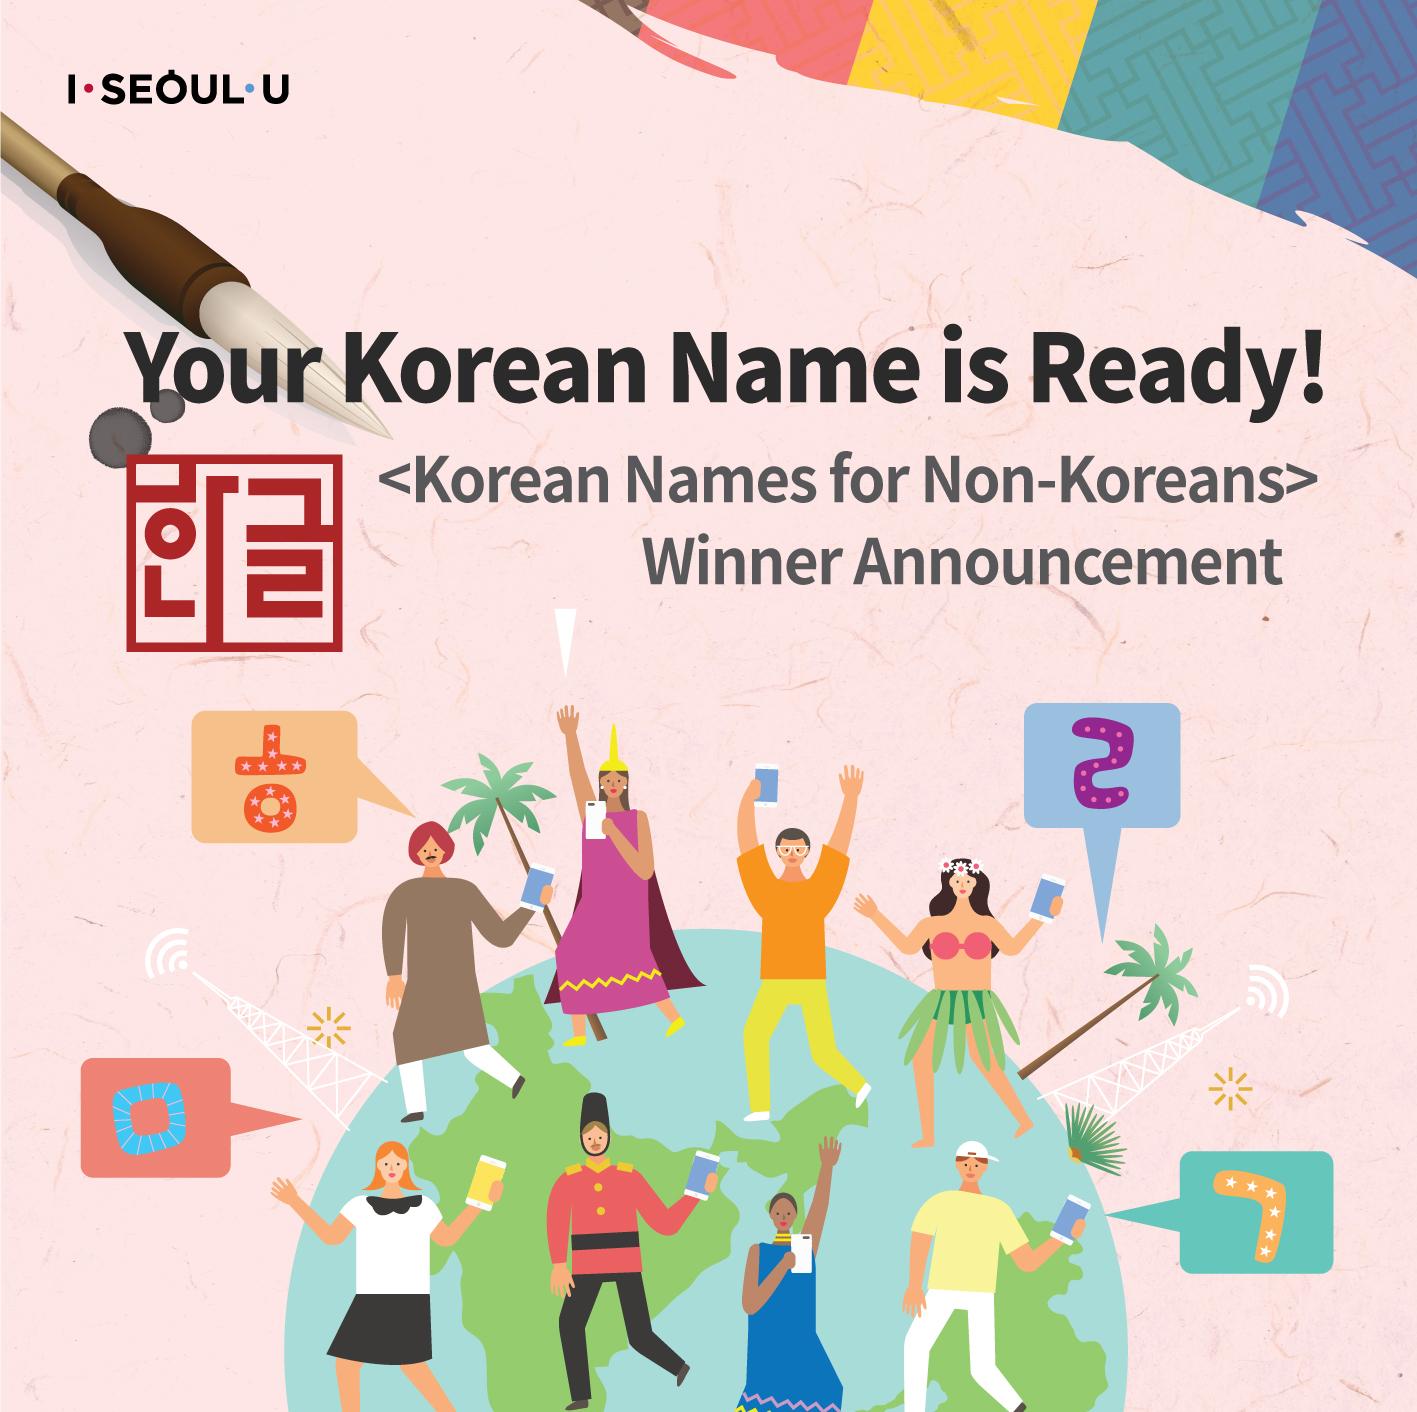 Your Korean Name is Ready! Korean Names for Non-Koreans Winner Announcement